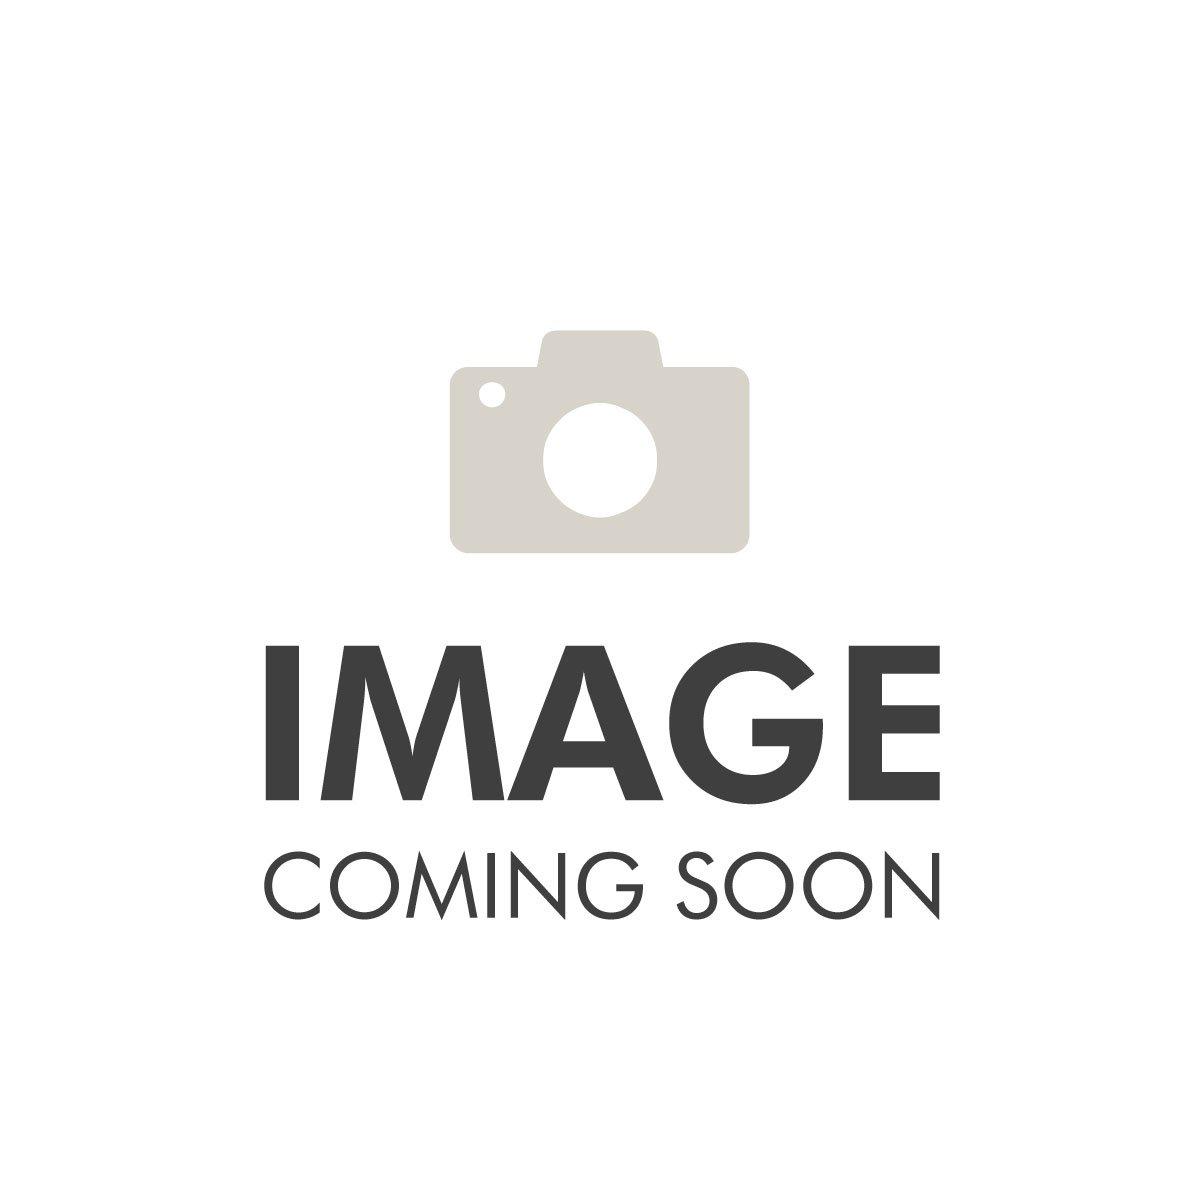 Missoni Gift Set 100ml EDT + 100ml Body Lotion + 100ml Shower Gel